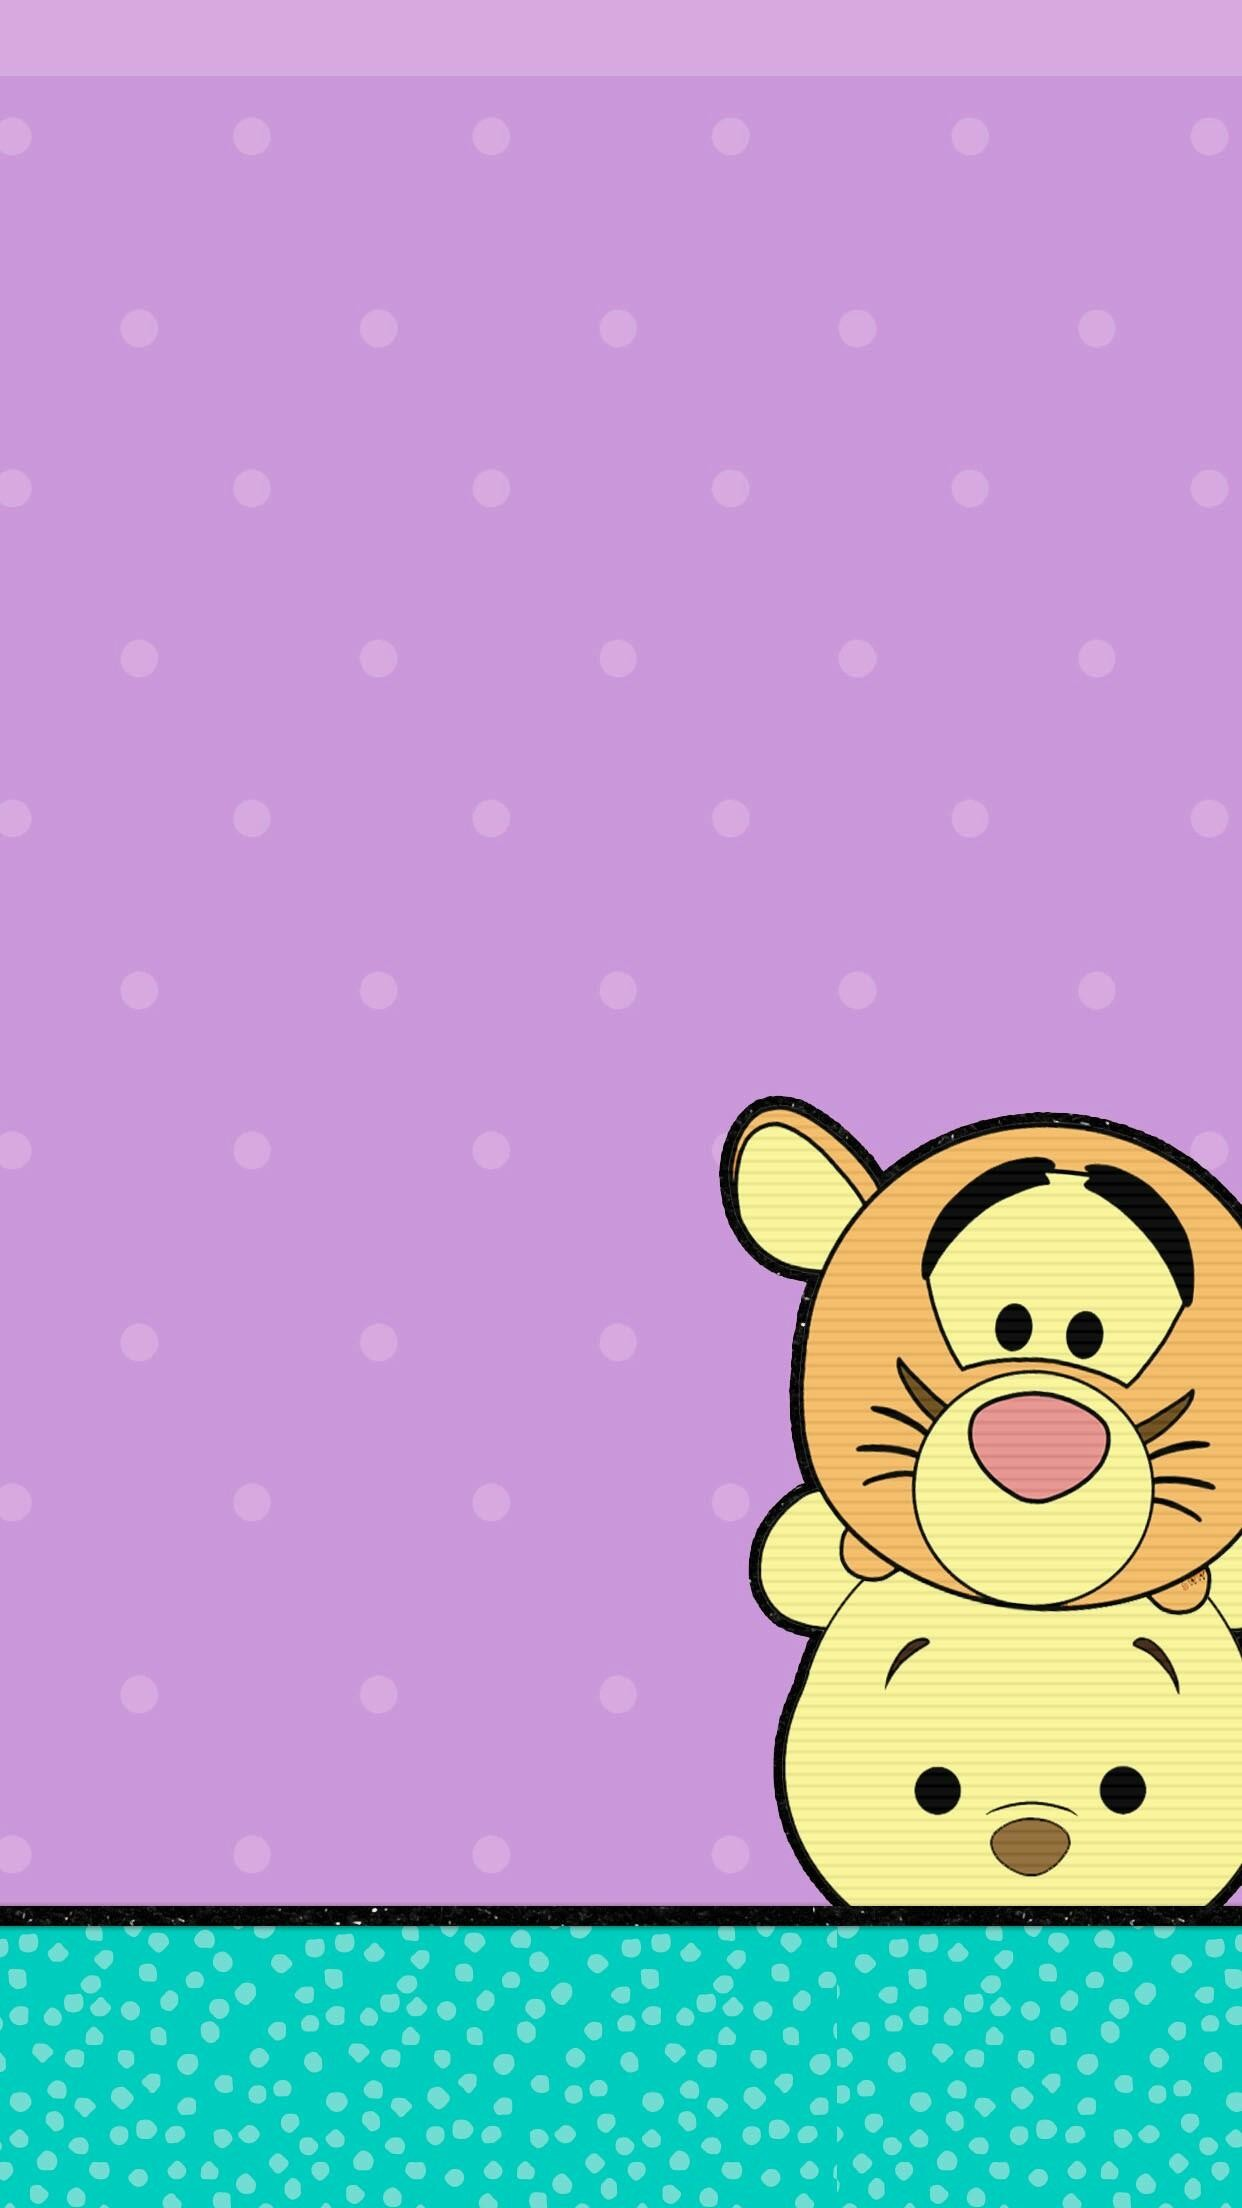 Pooh-and-Tigger-Tsum-Tsum